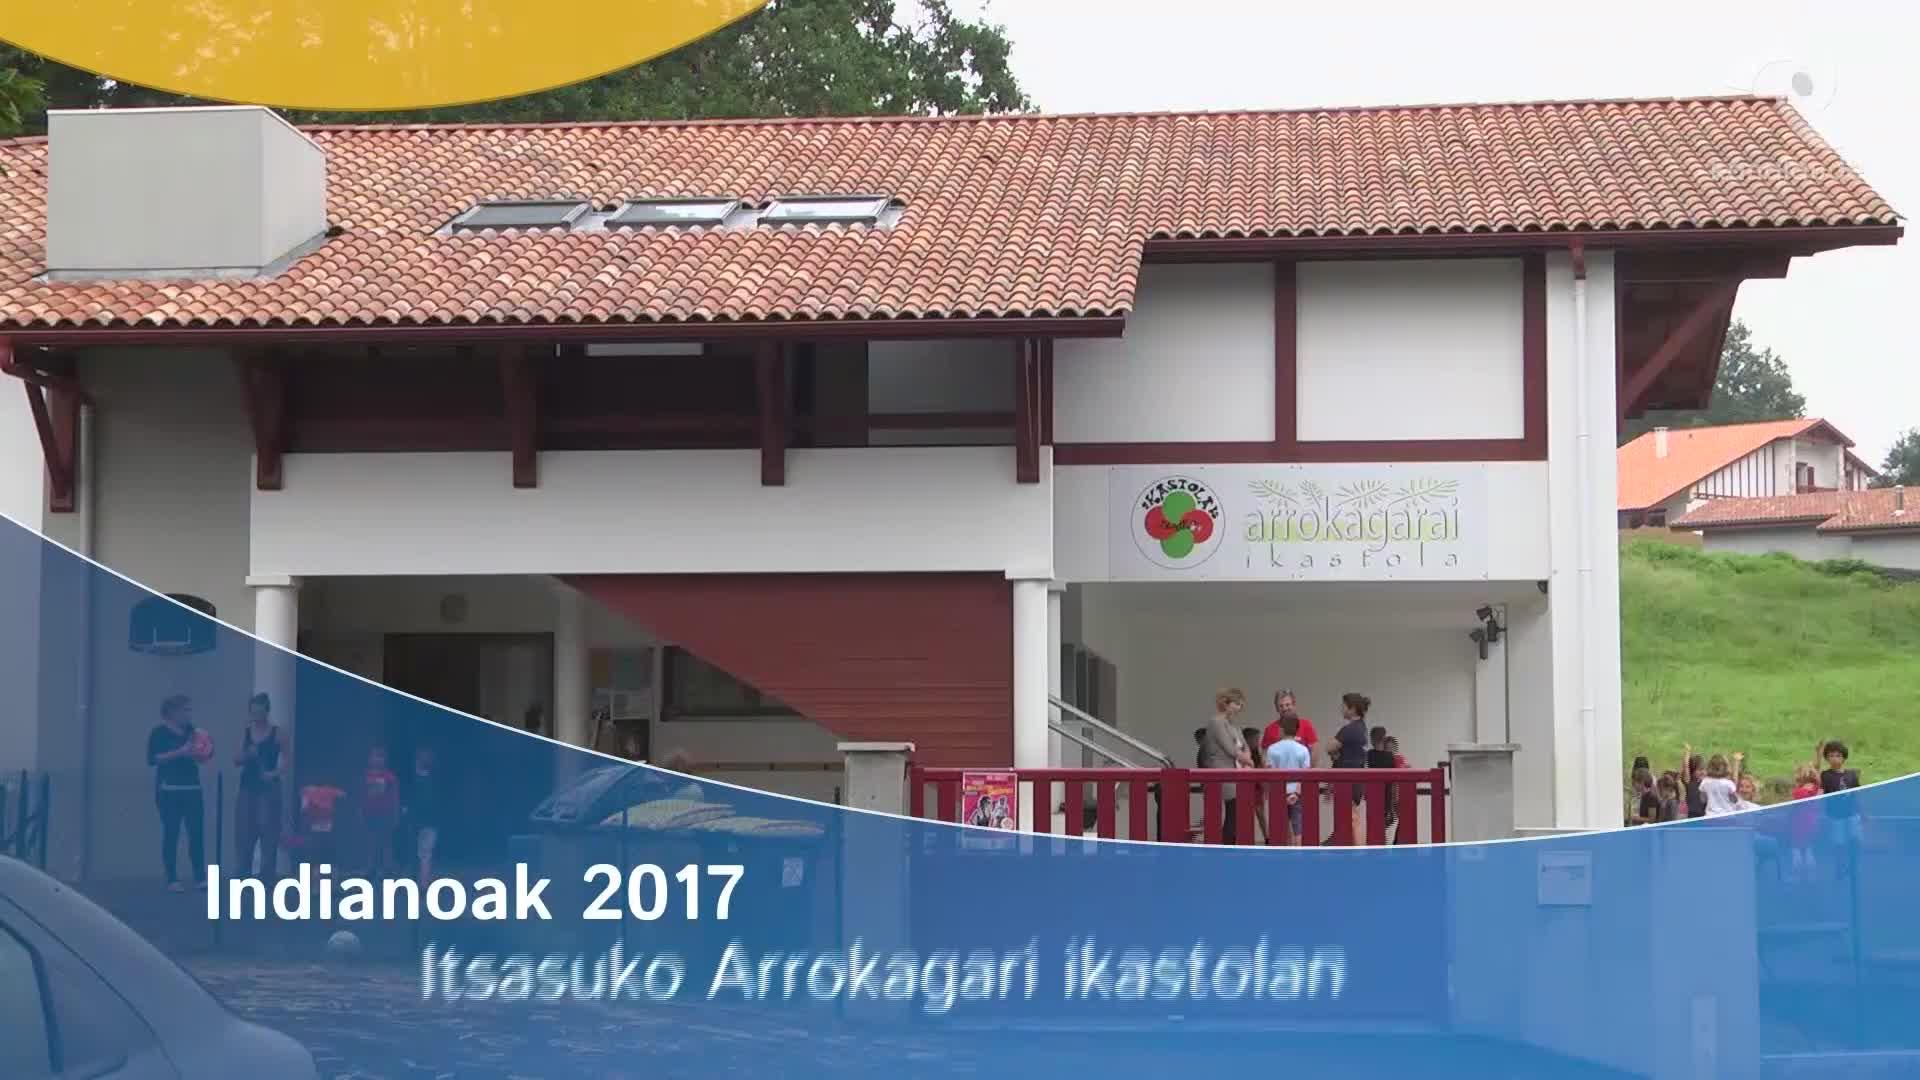 Indianoak 2017 Arrokagarai ikastolan